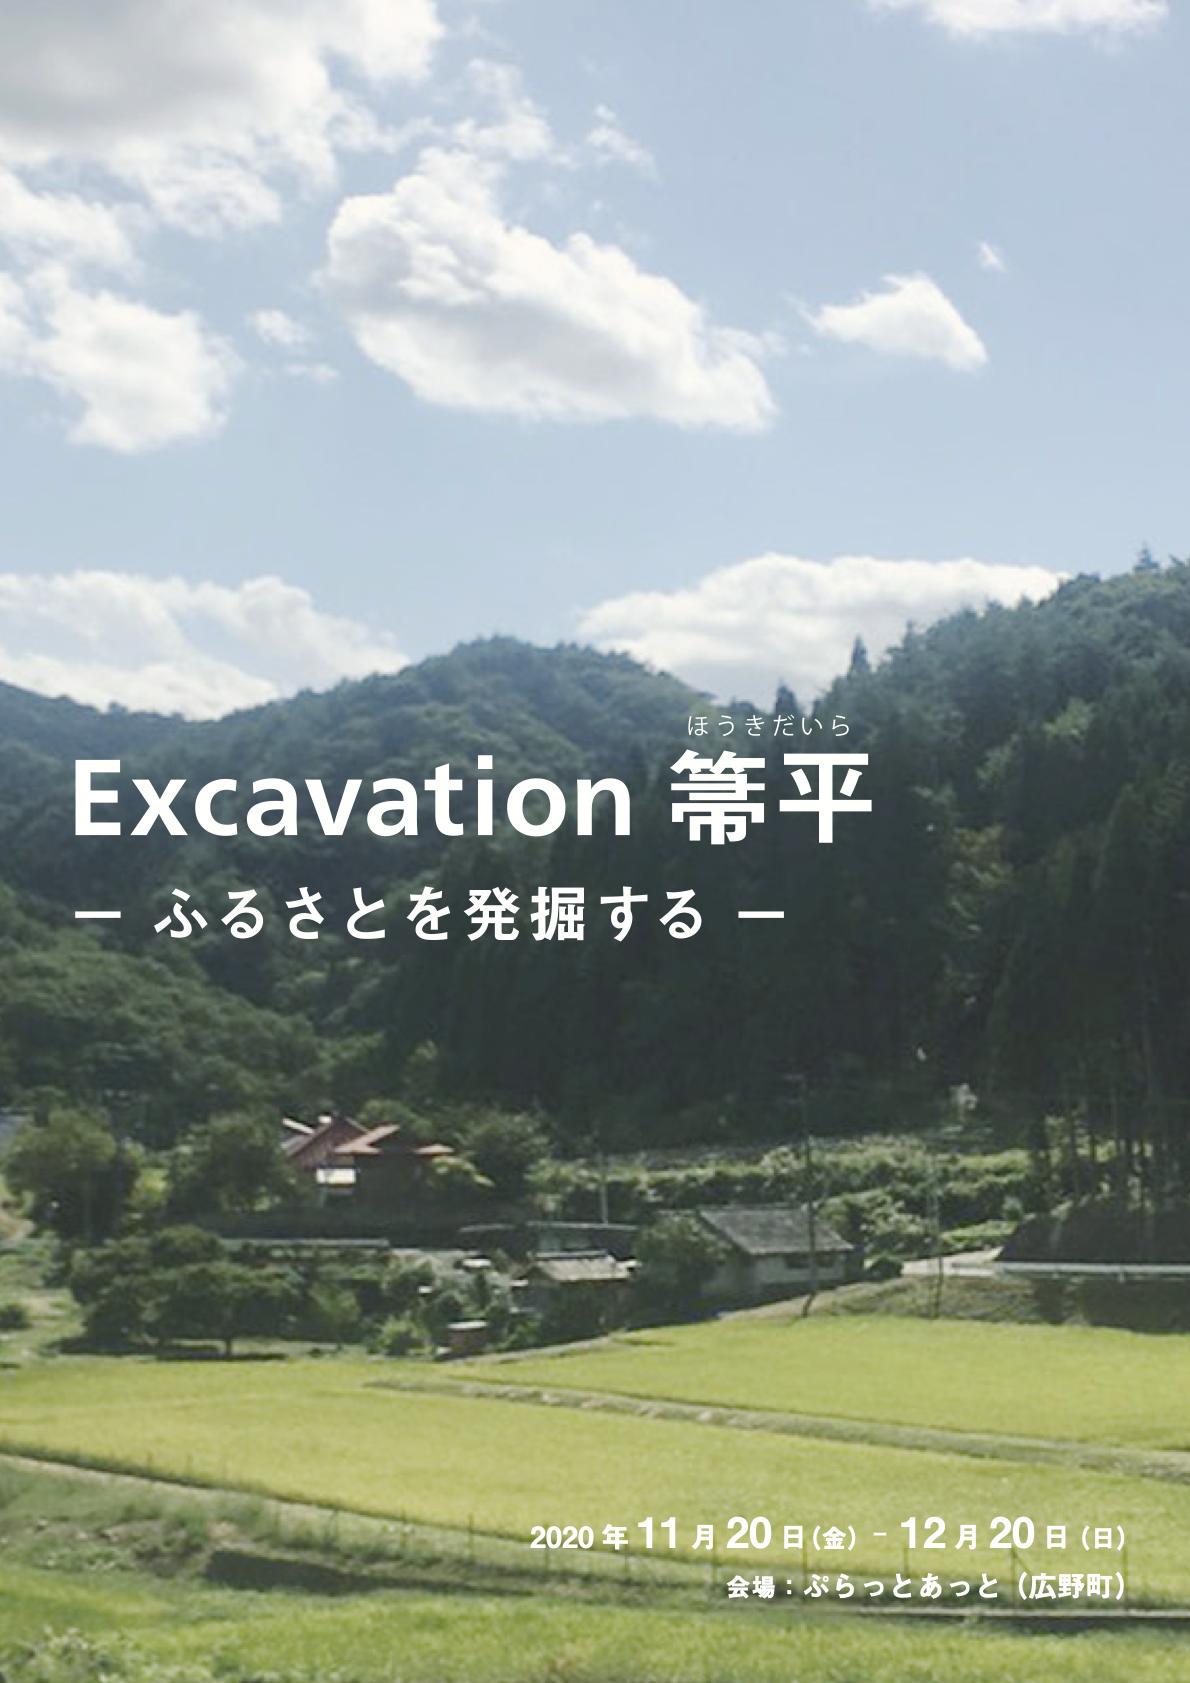 Excavation Hokidaira main image